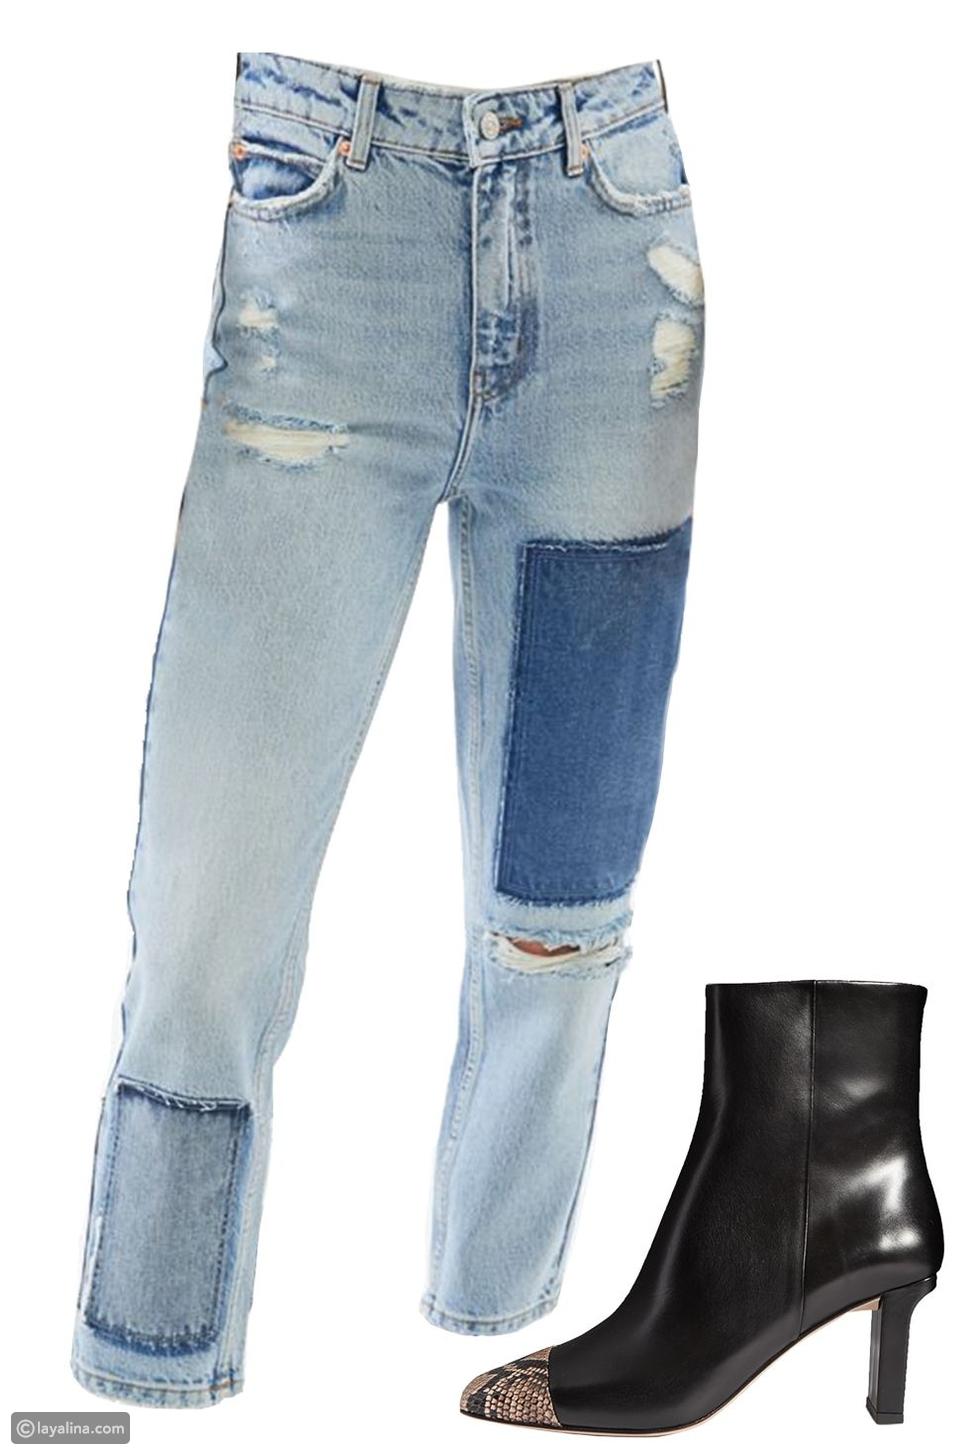 خليط الجينزPatchwork Jeansمع حذاء من الجلد